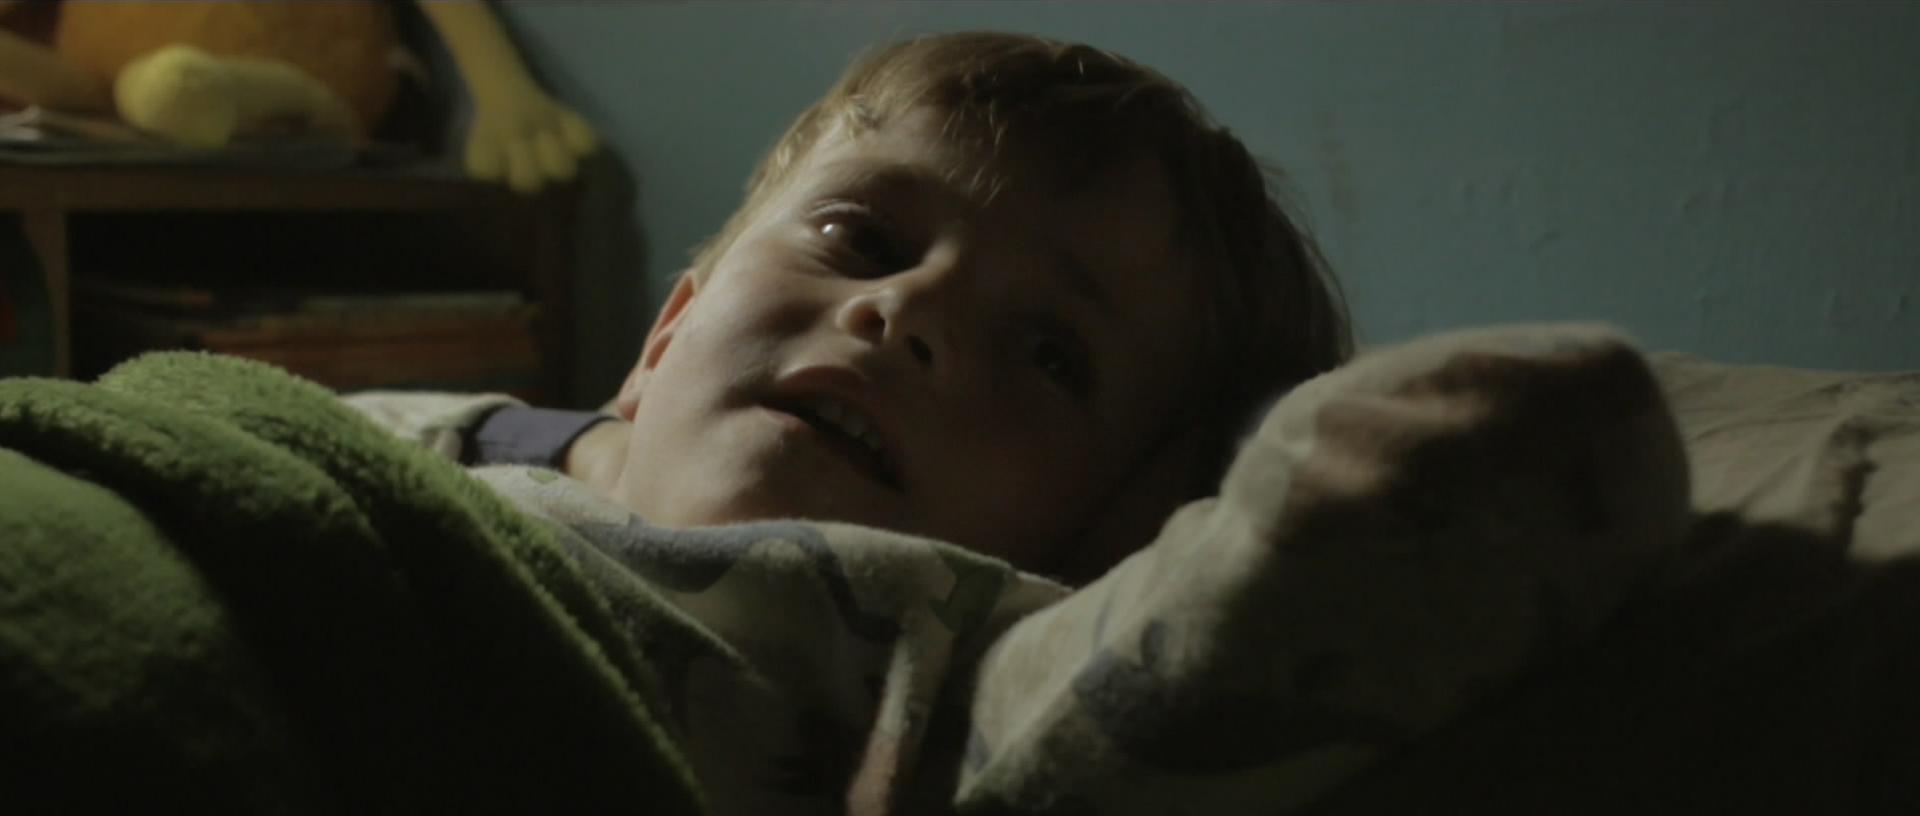 Fotograma de 'Tuck me in', el cortometraje de Ignacio F. Rodó - (Filminute)